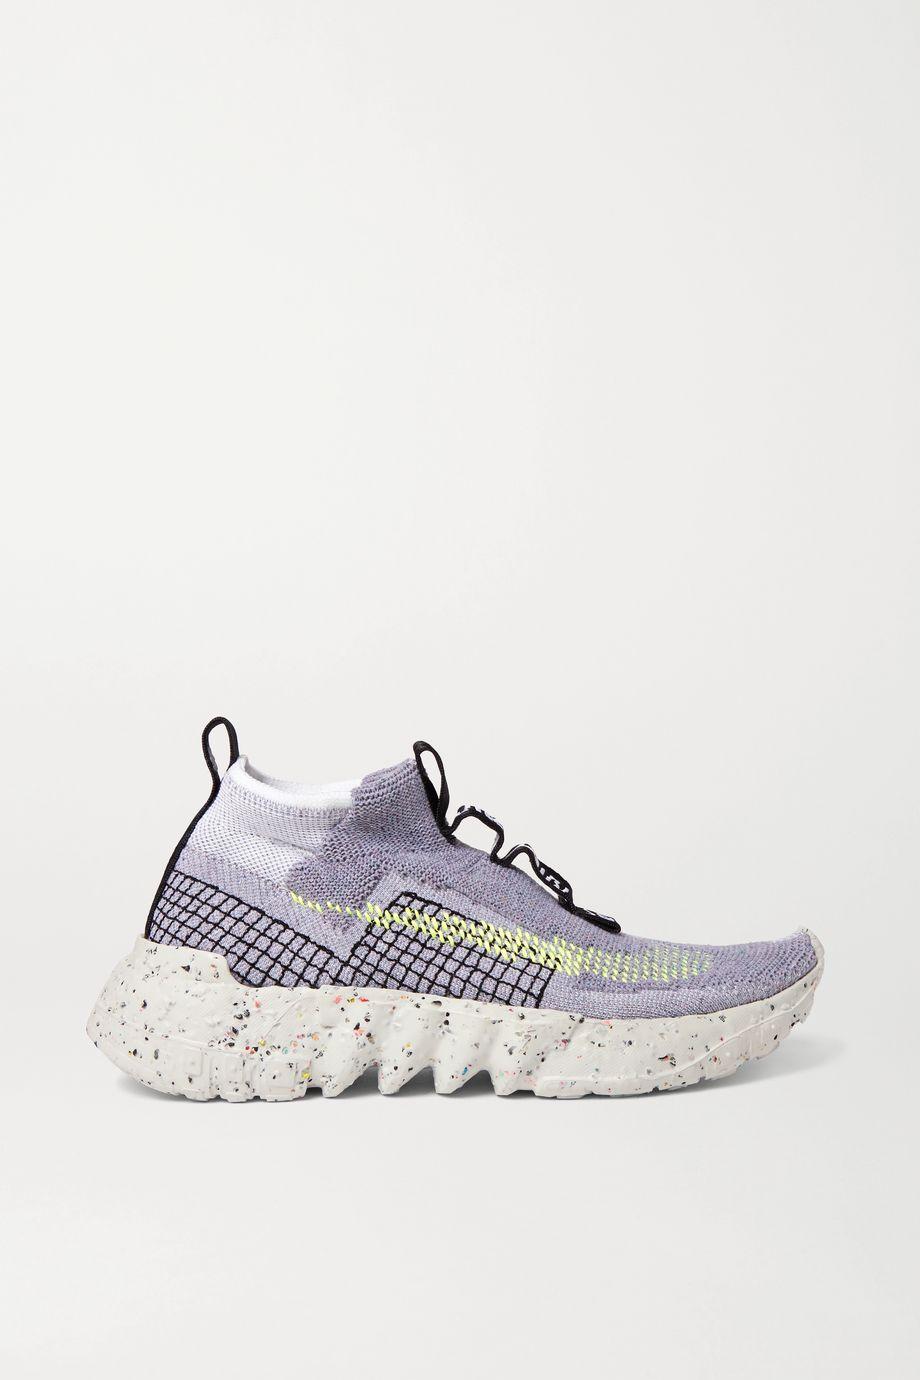 Nike Space Hippie 02 Space Waste Flyknit sneakers